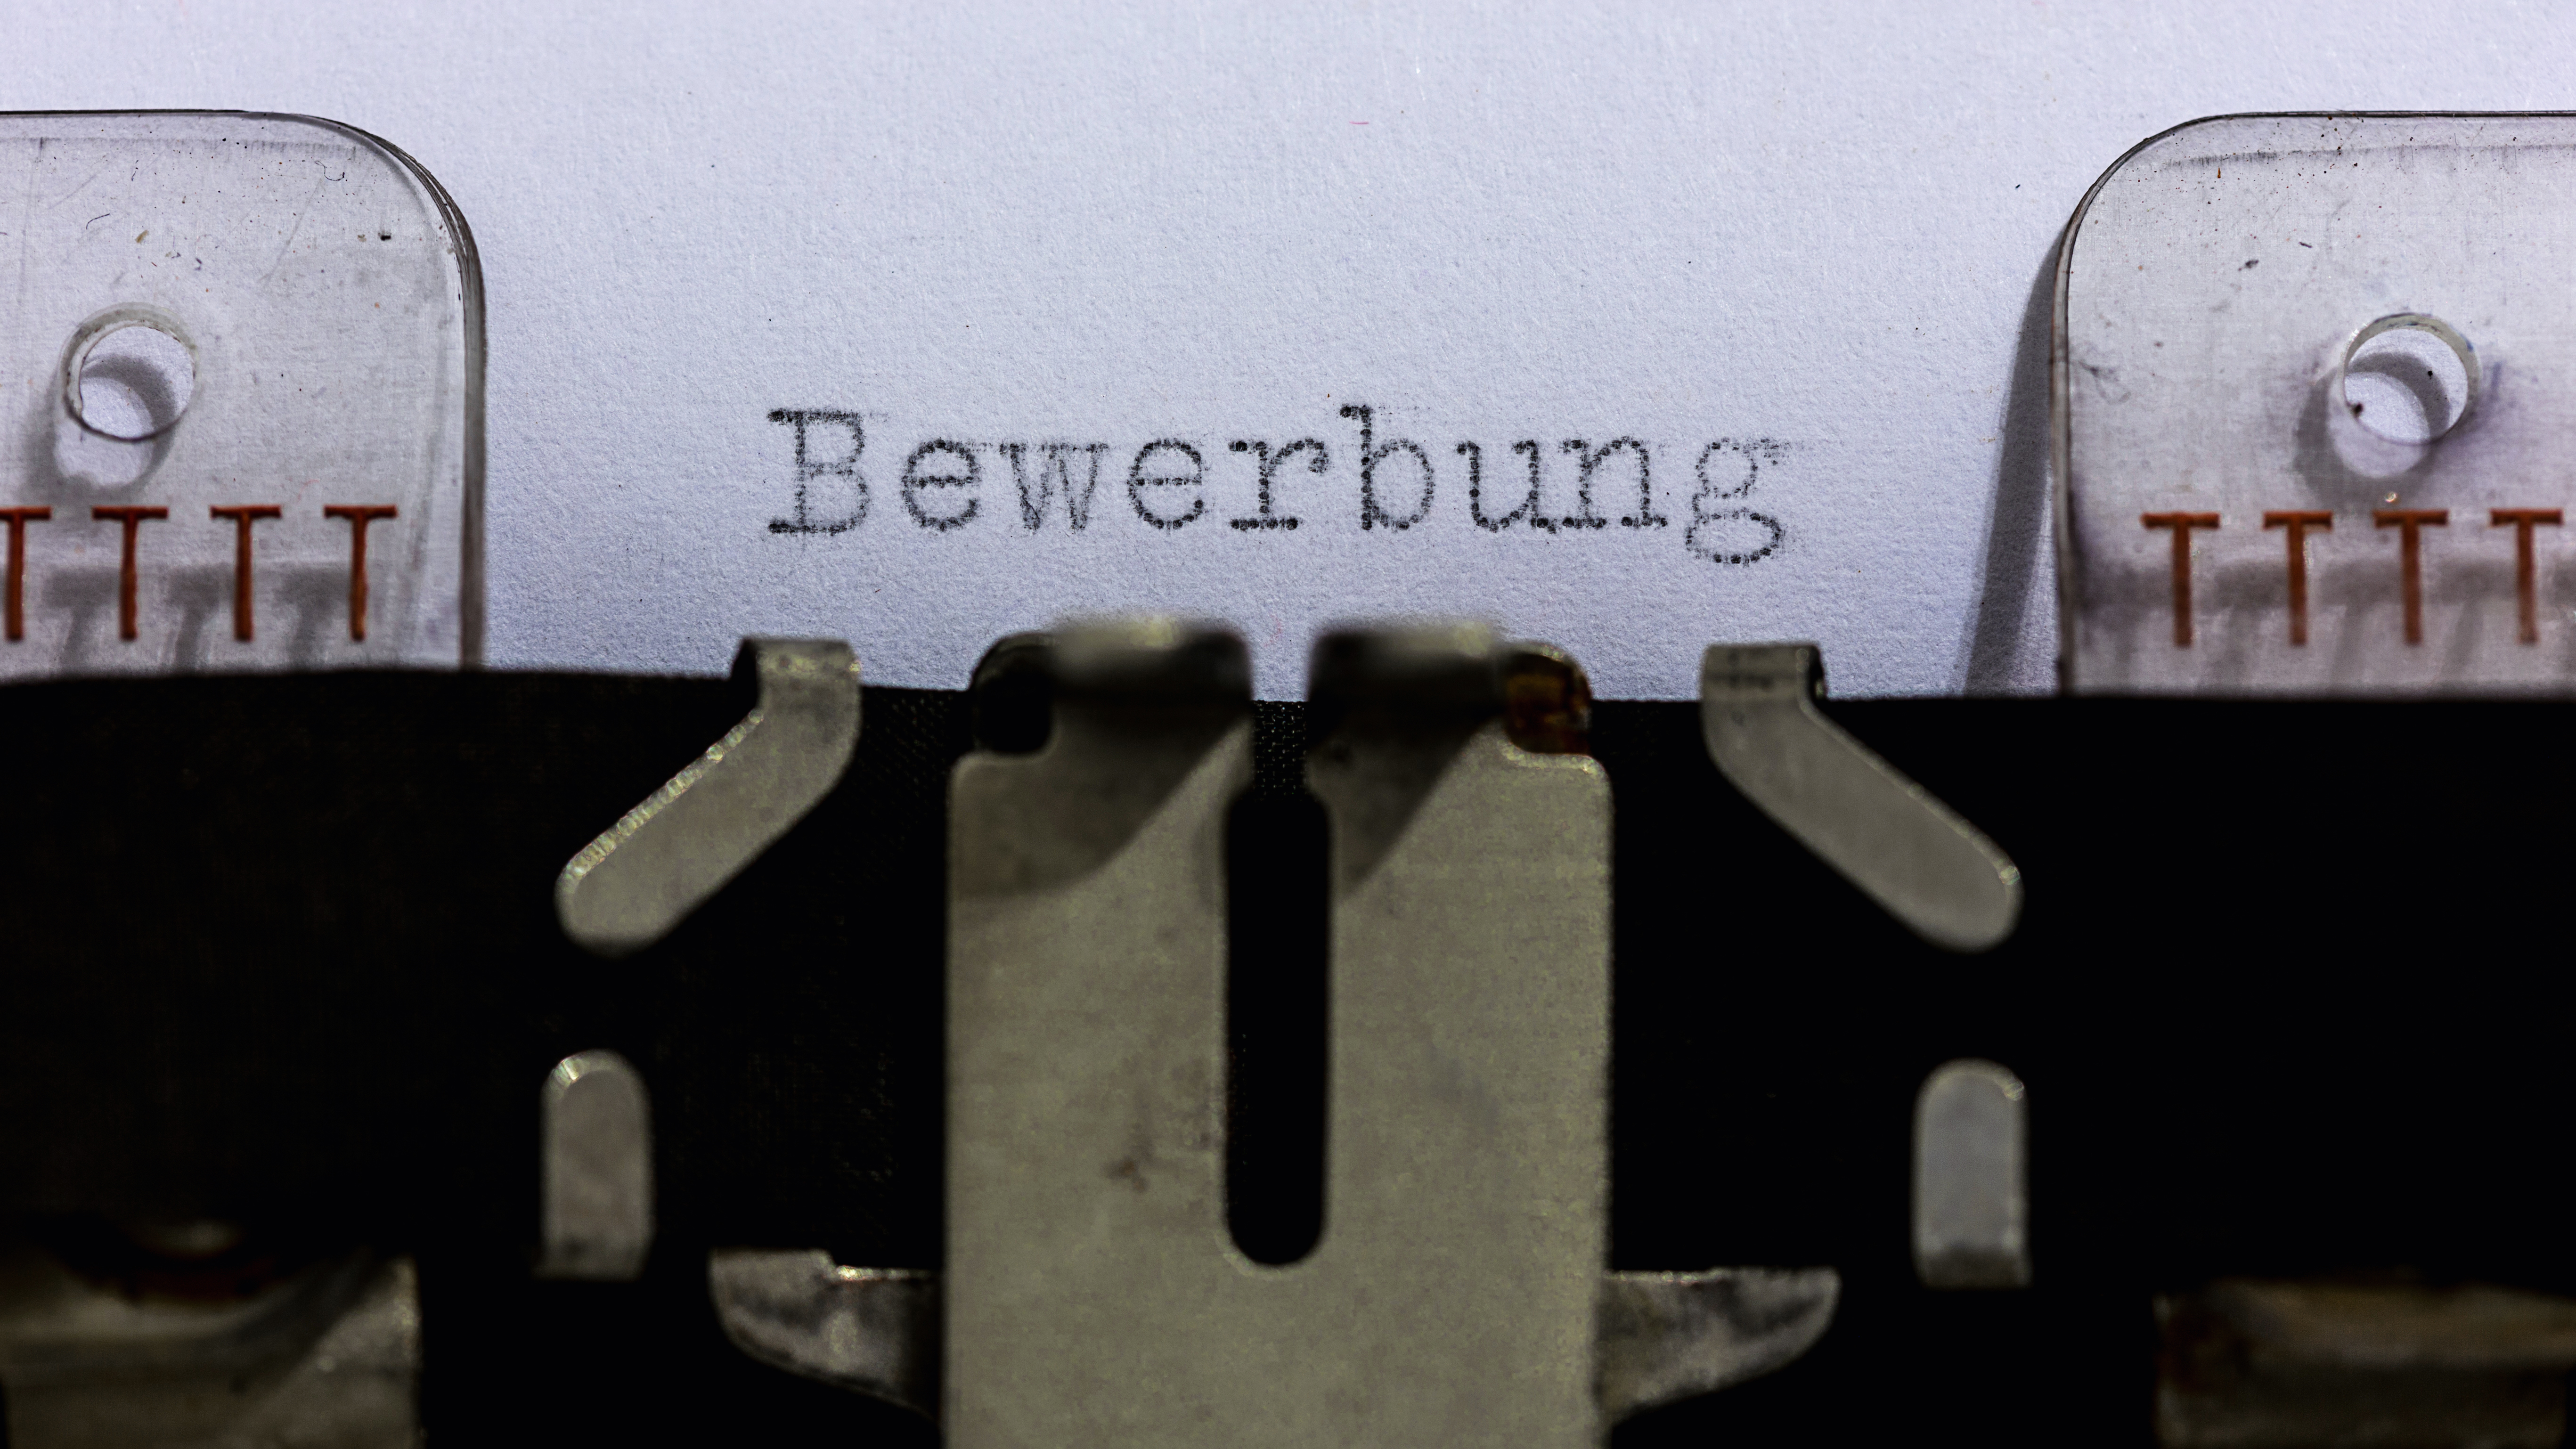 Per Post, E-Mail oder doch persönlich? 5 Bewerbungsarten von heute ...